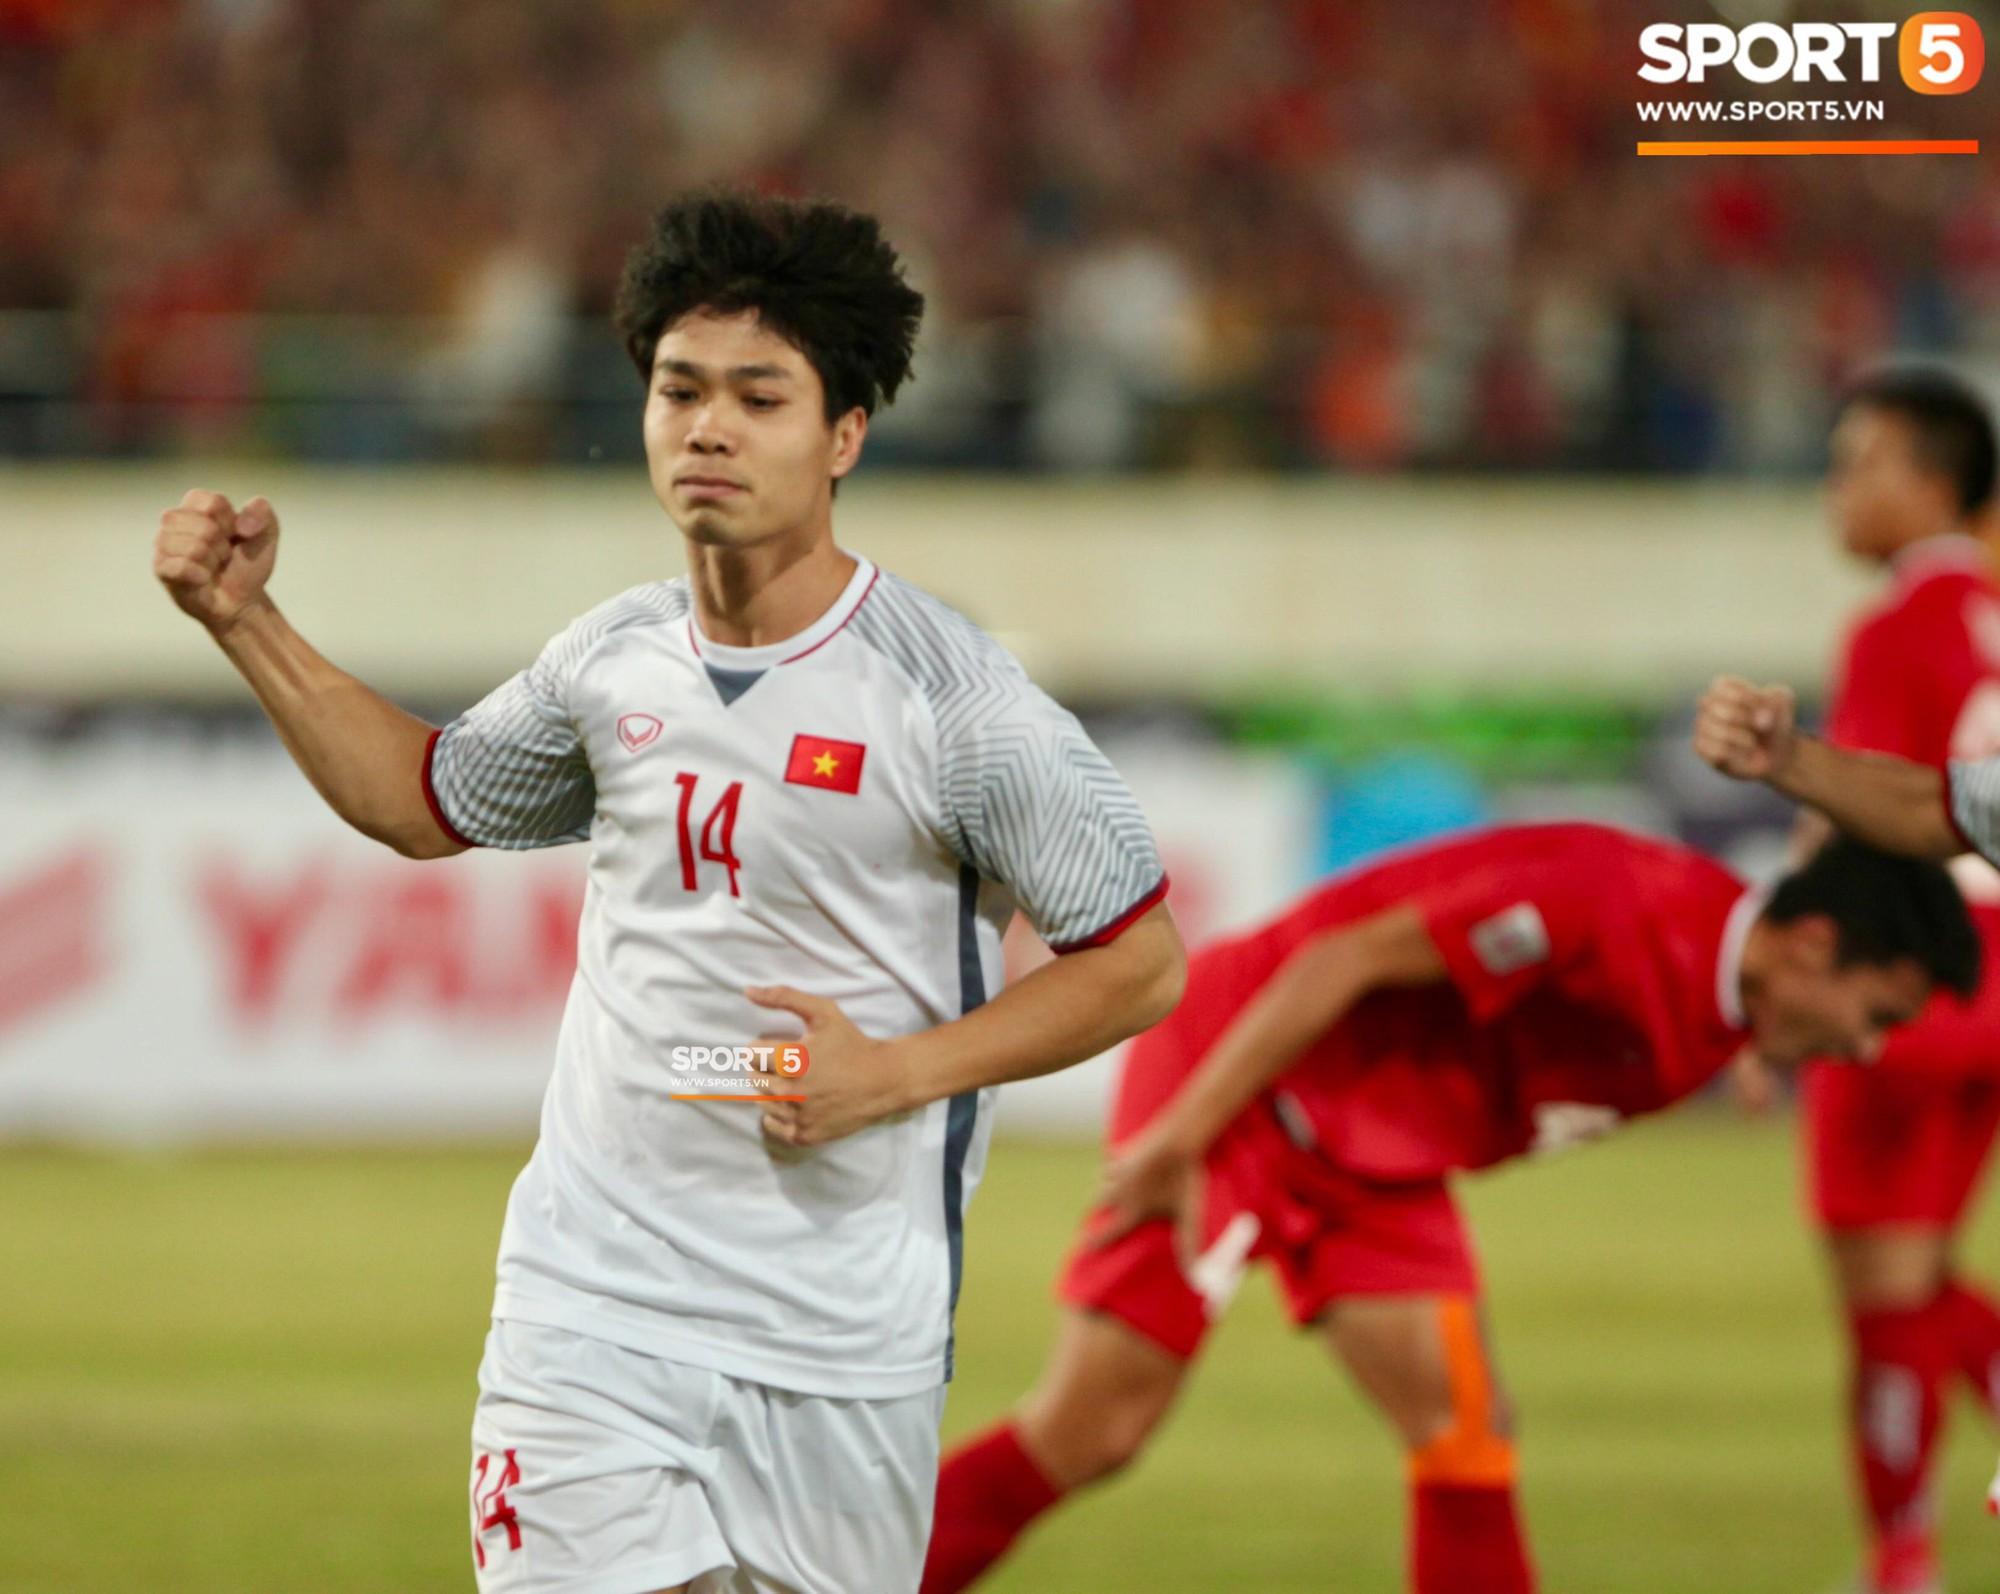 Đè bẹp Lào, đội tuyển Việt Nam khiến truyền thông nước bạn hoang mang - Ảnh 2.